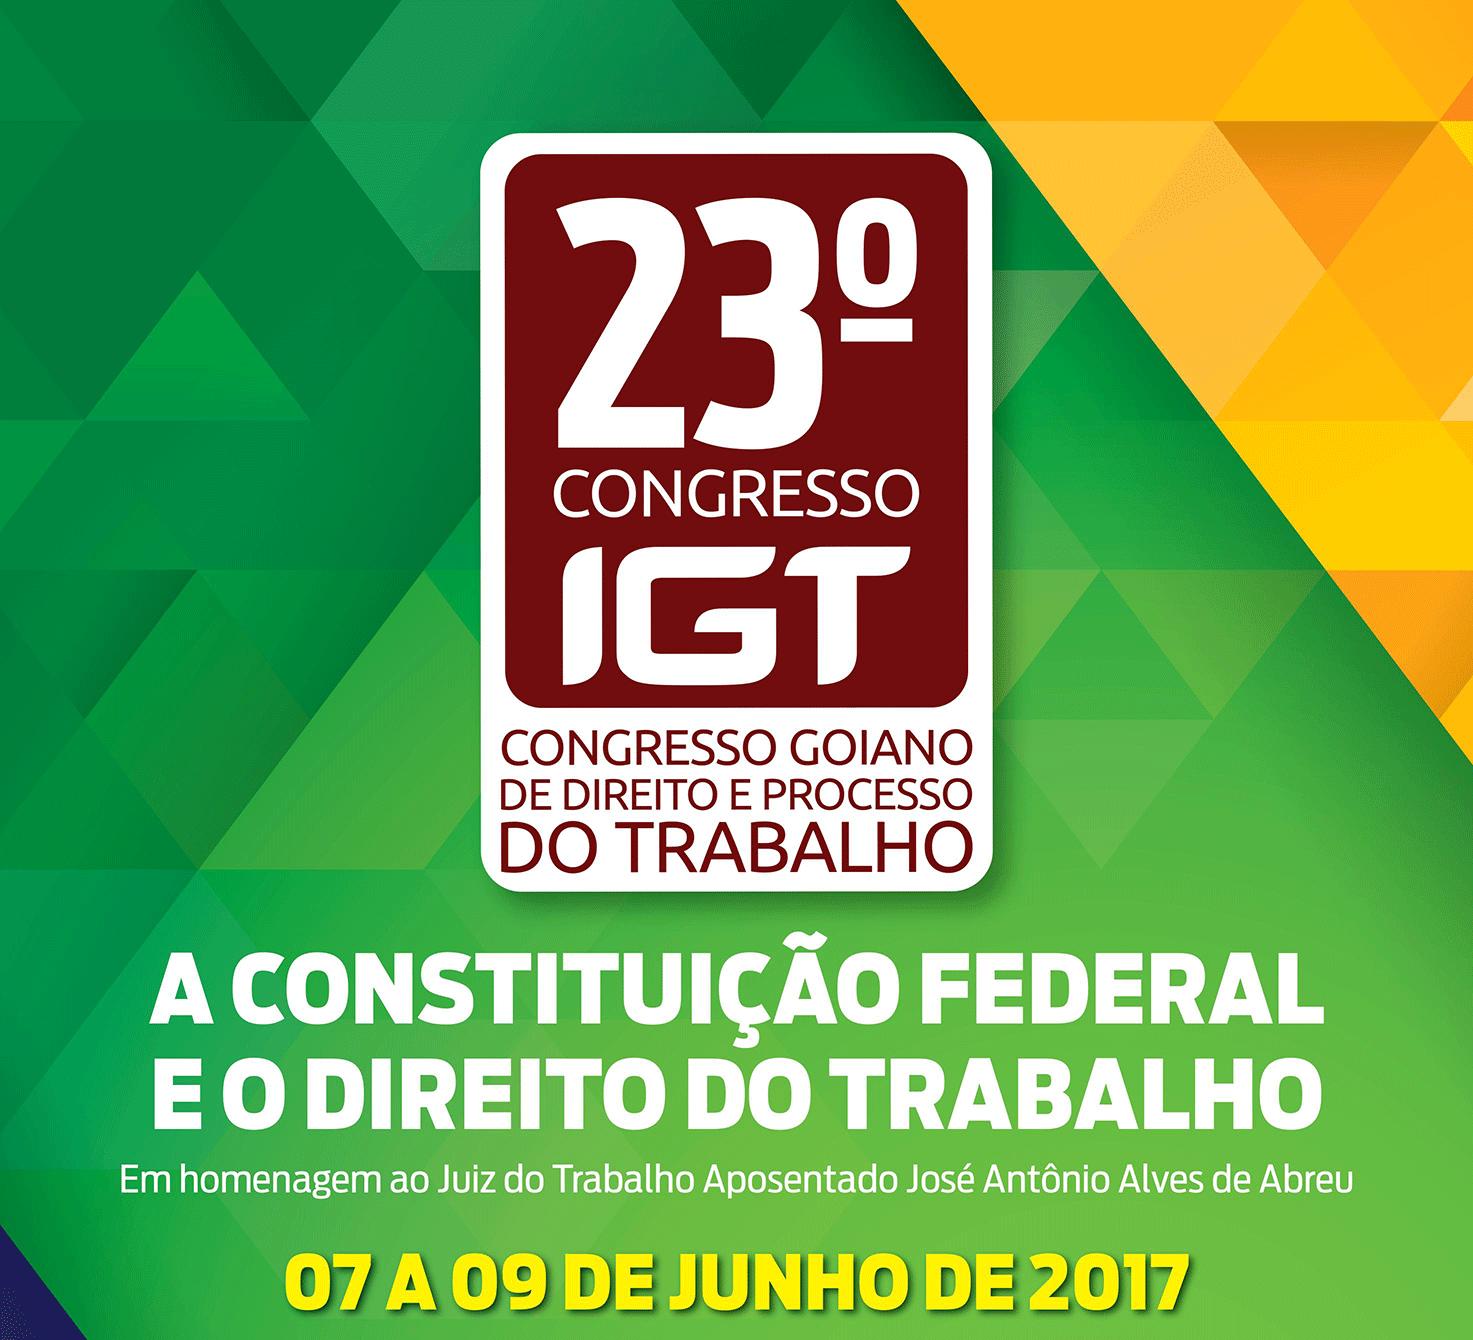 07 a 09.06 - 23º Congresso Goiano de Direito e Processo do Trabalho